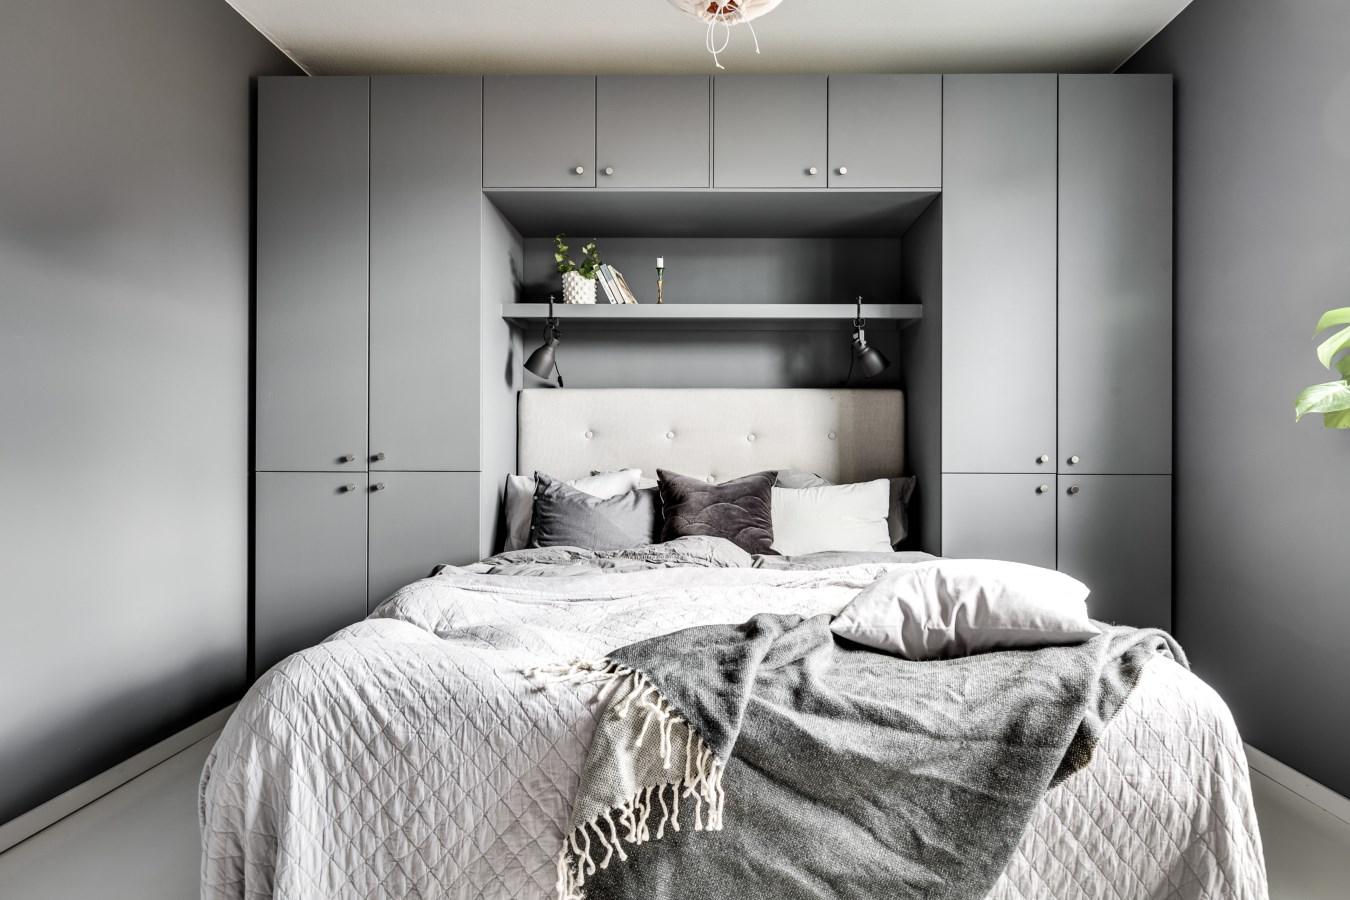 спальня кровать изголовье шкаф полки